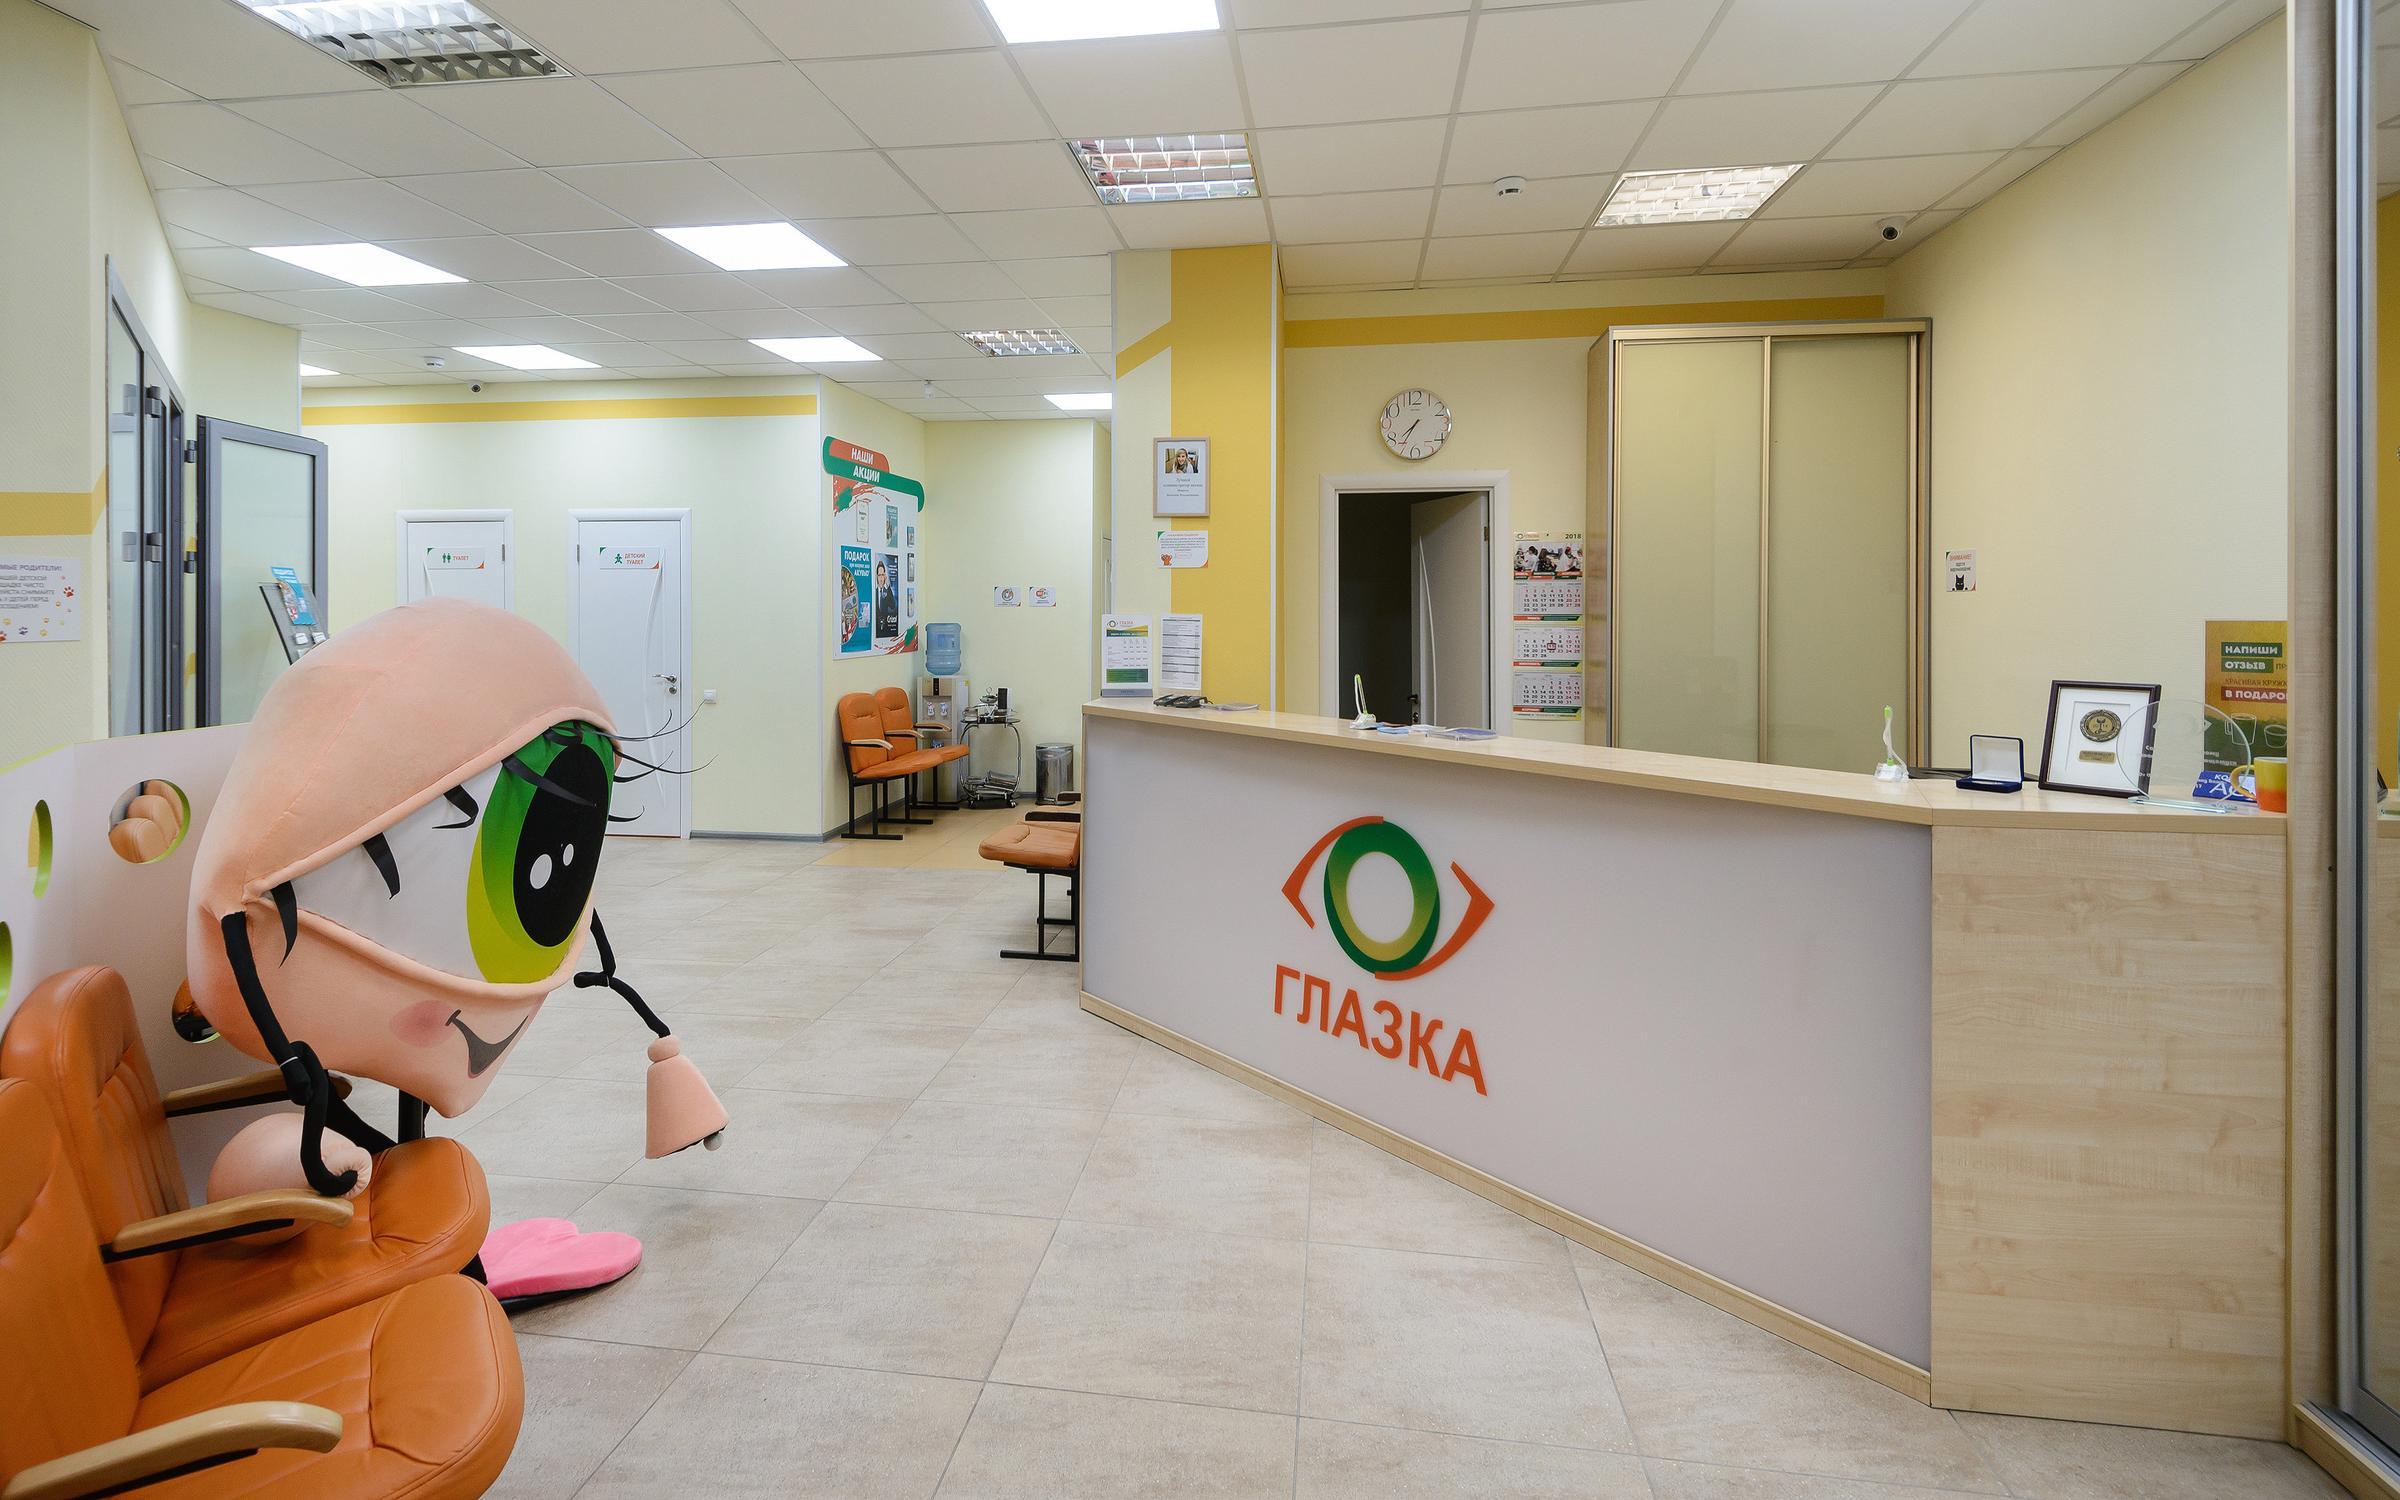 фотография Офтальмологического центра Глазка на Нарымской улице